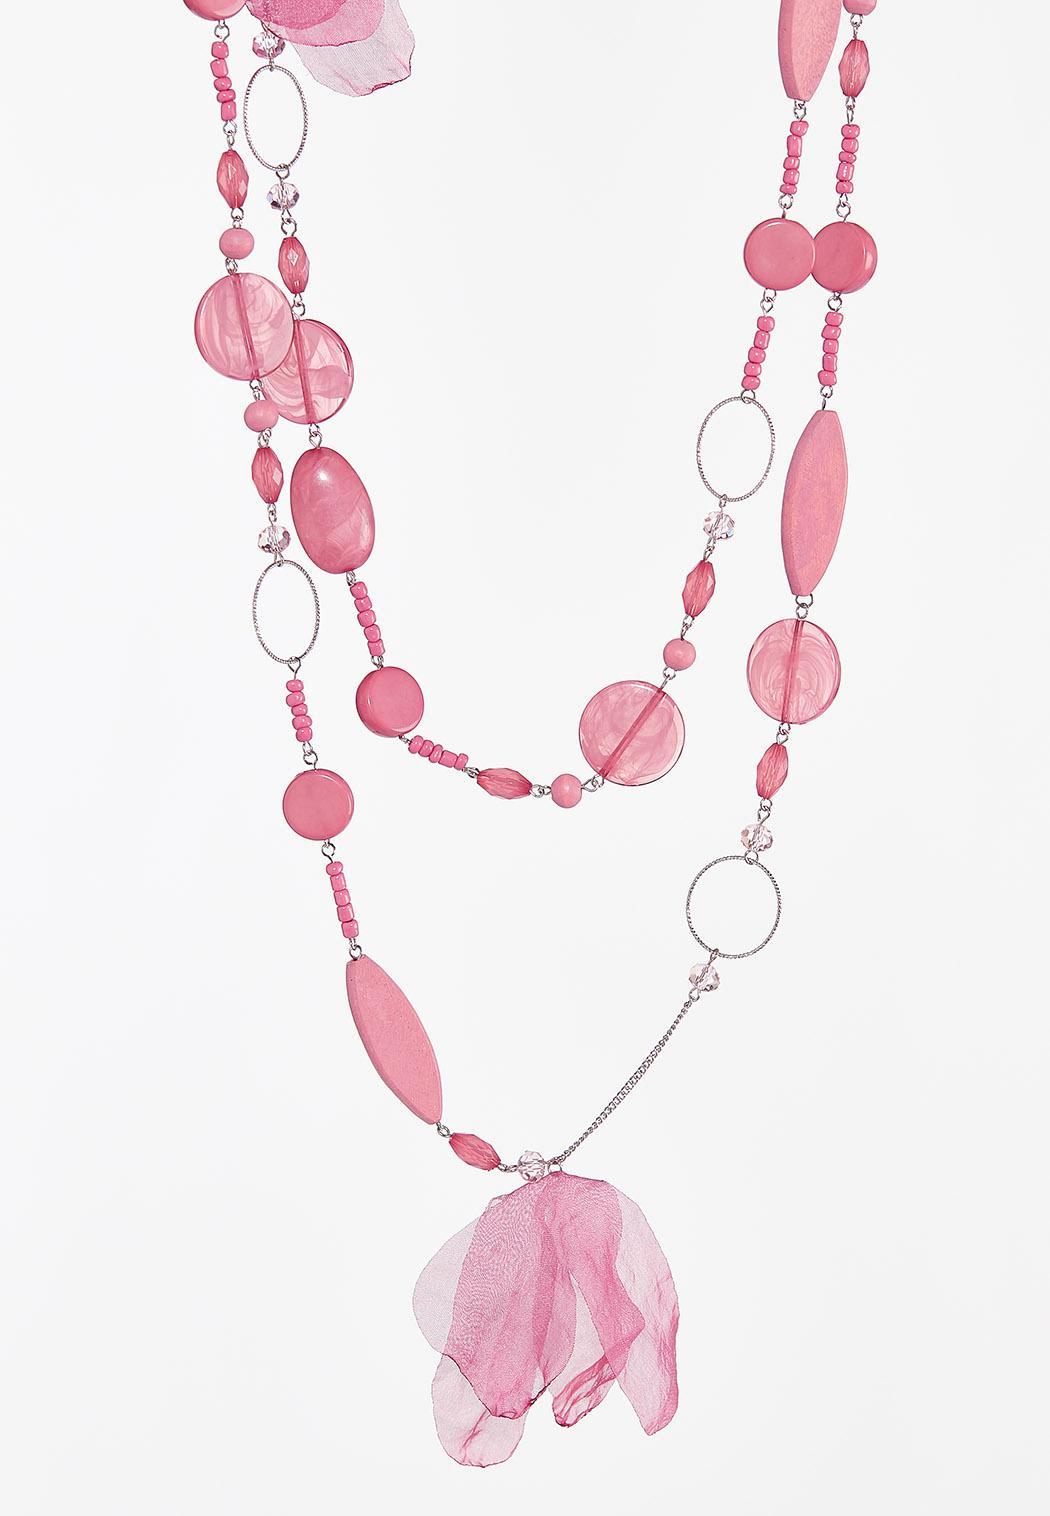 Beaded Pink Chiffon Layered Necklace